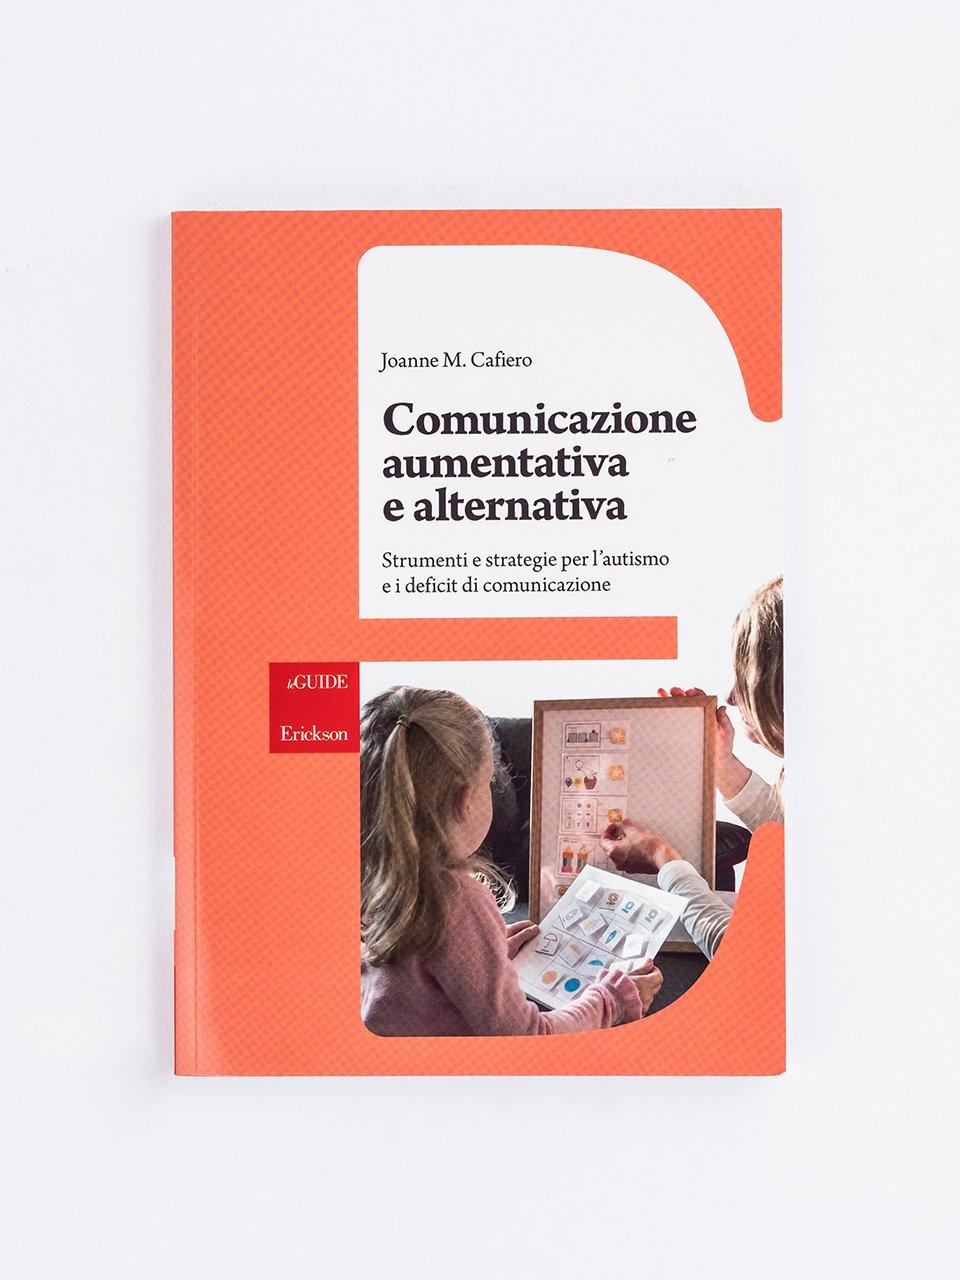 Comunicazione aumentativa e alternativa - Manuale di Comunicazione Aumentativa e Alternativa - Libri - Erickson